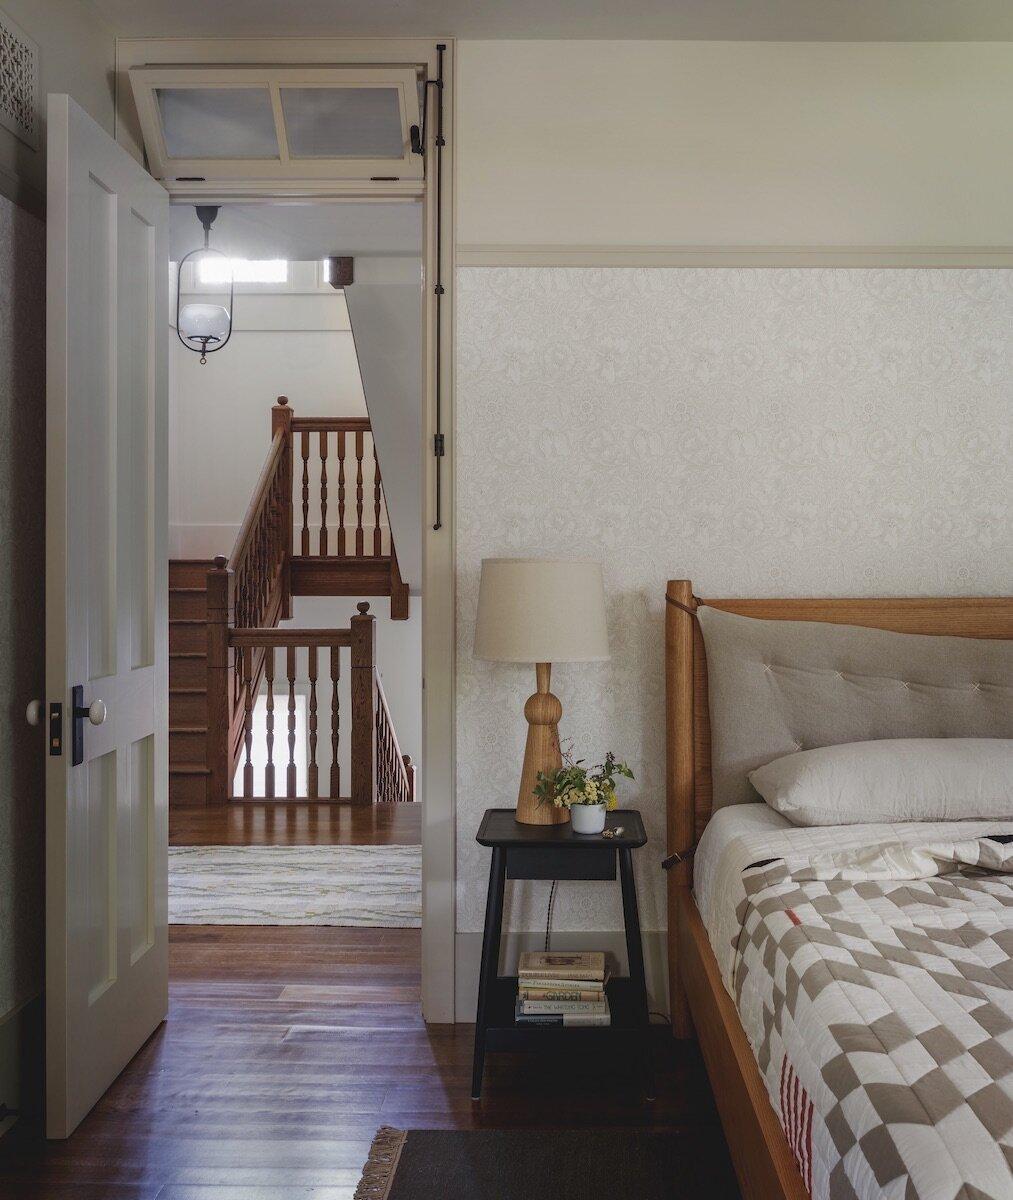 bedroom-iowa-city-house-jessica-helgerson-nordroom